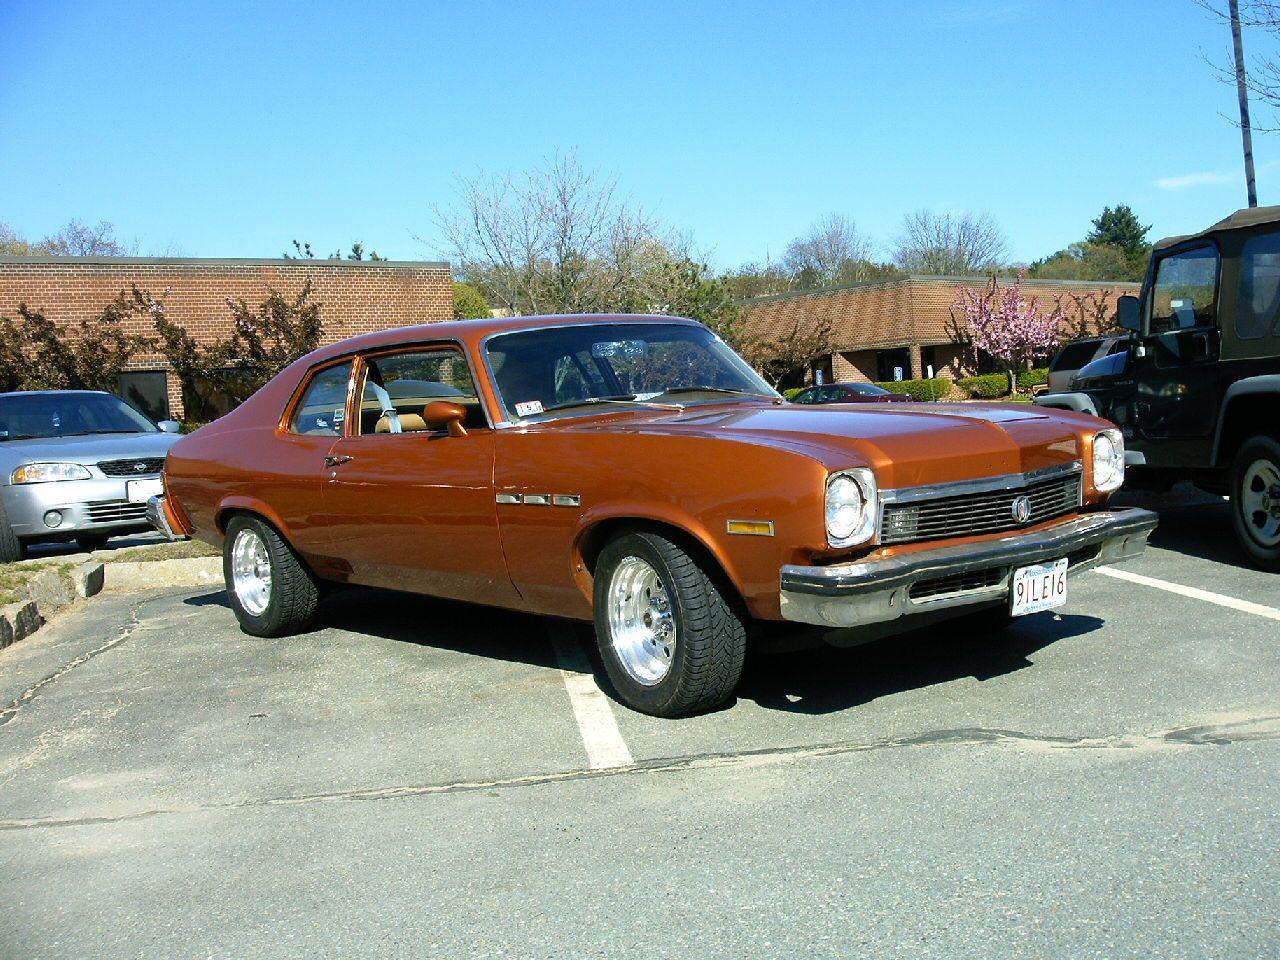 1974 Buick Apollo Buick Apollo Buick General Motors Cars